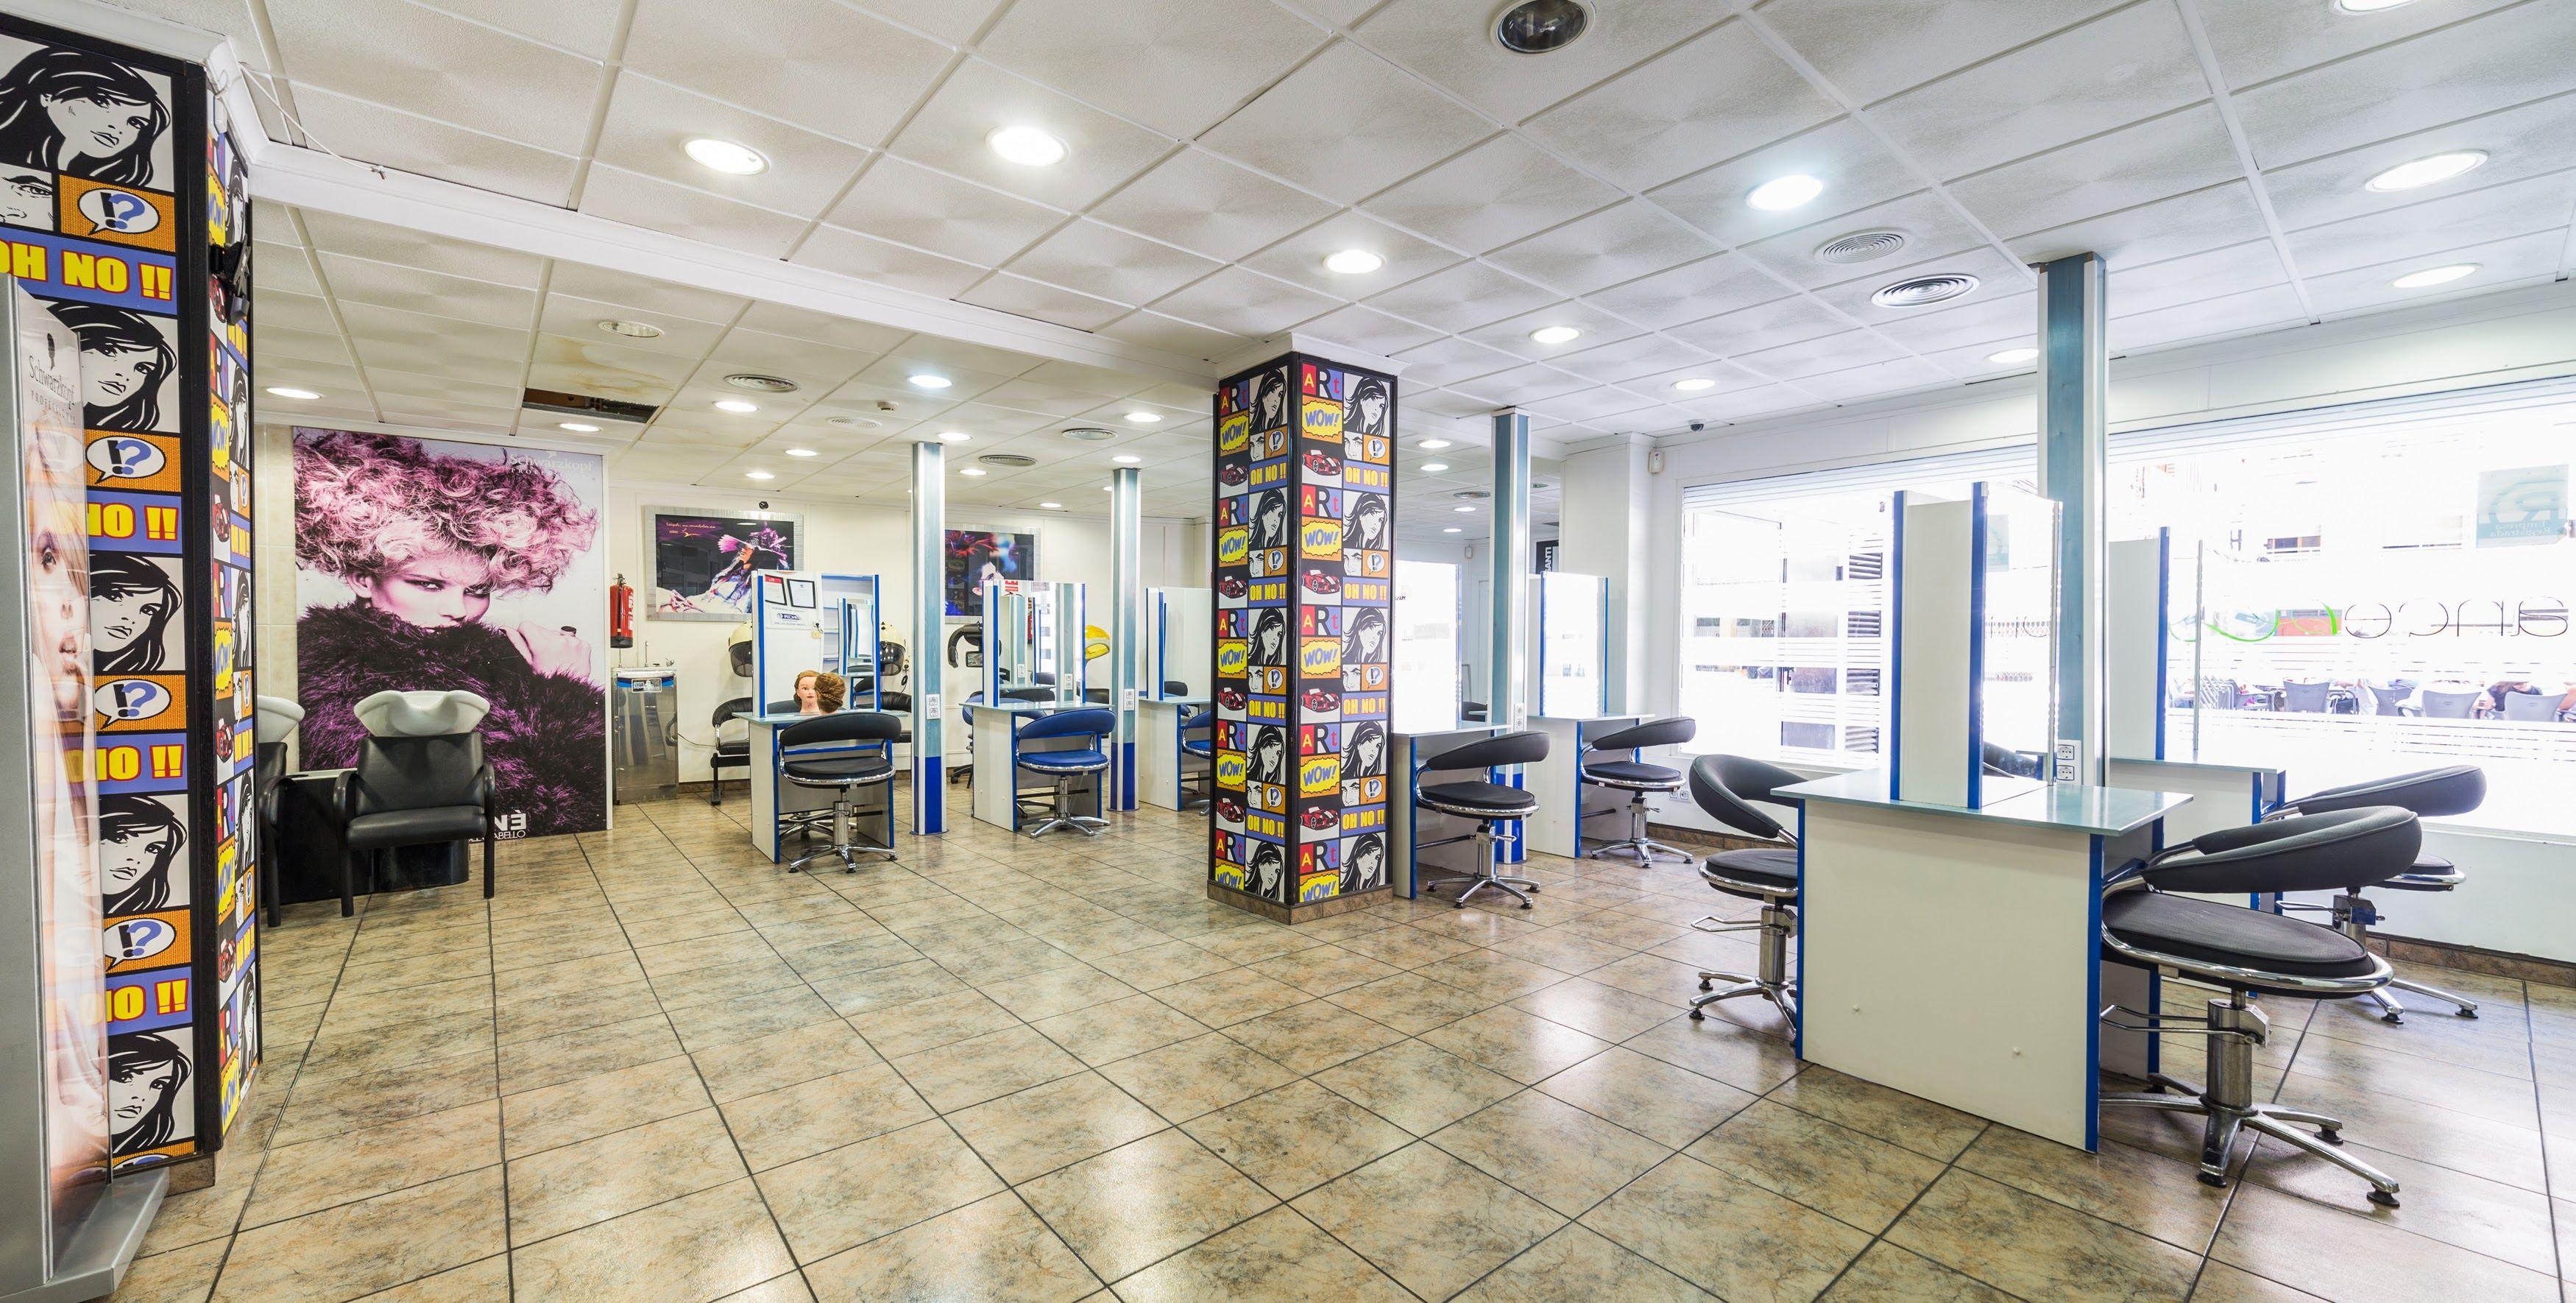 Foto 5 de Academia de peluquería y estética en Albacete | Centro de formación Virgen de los Llanos- Moliné